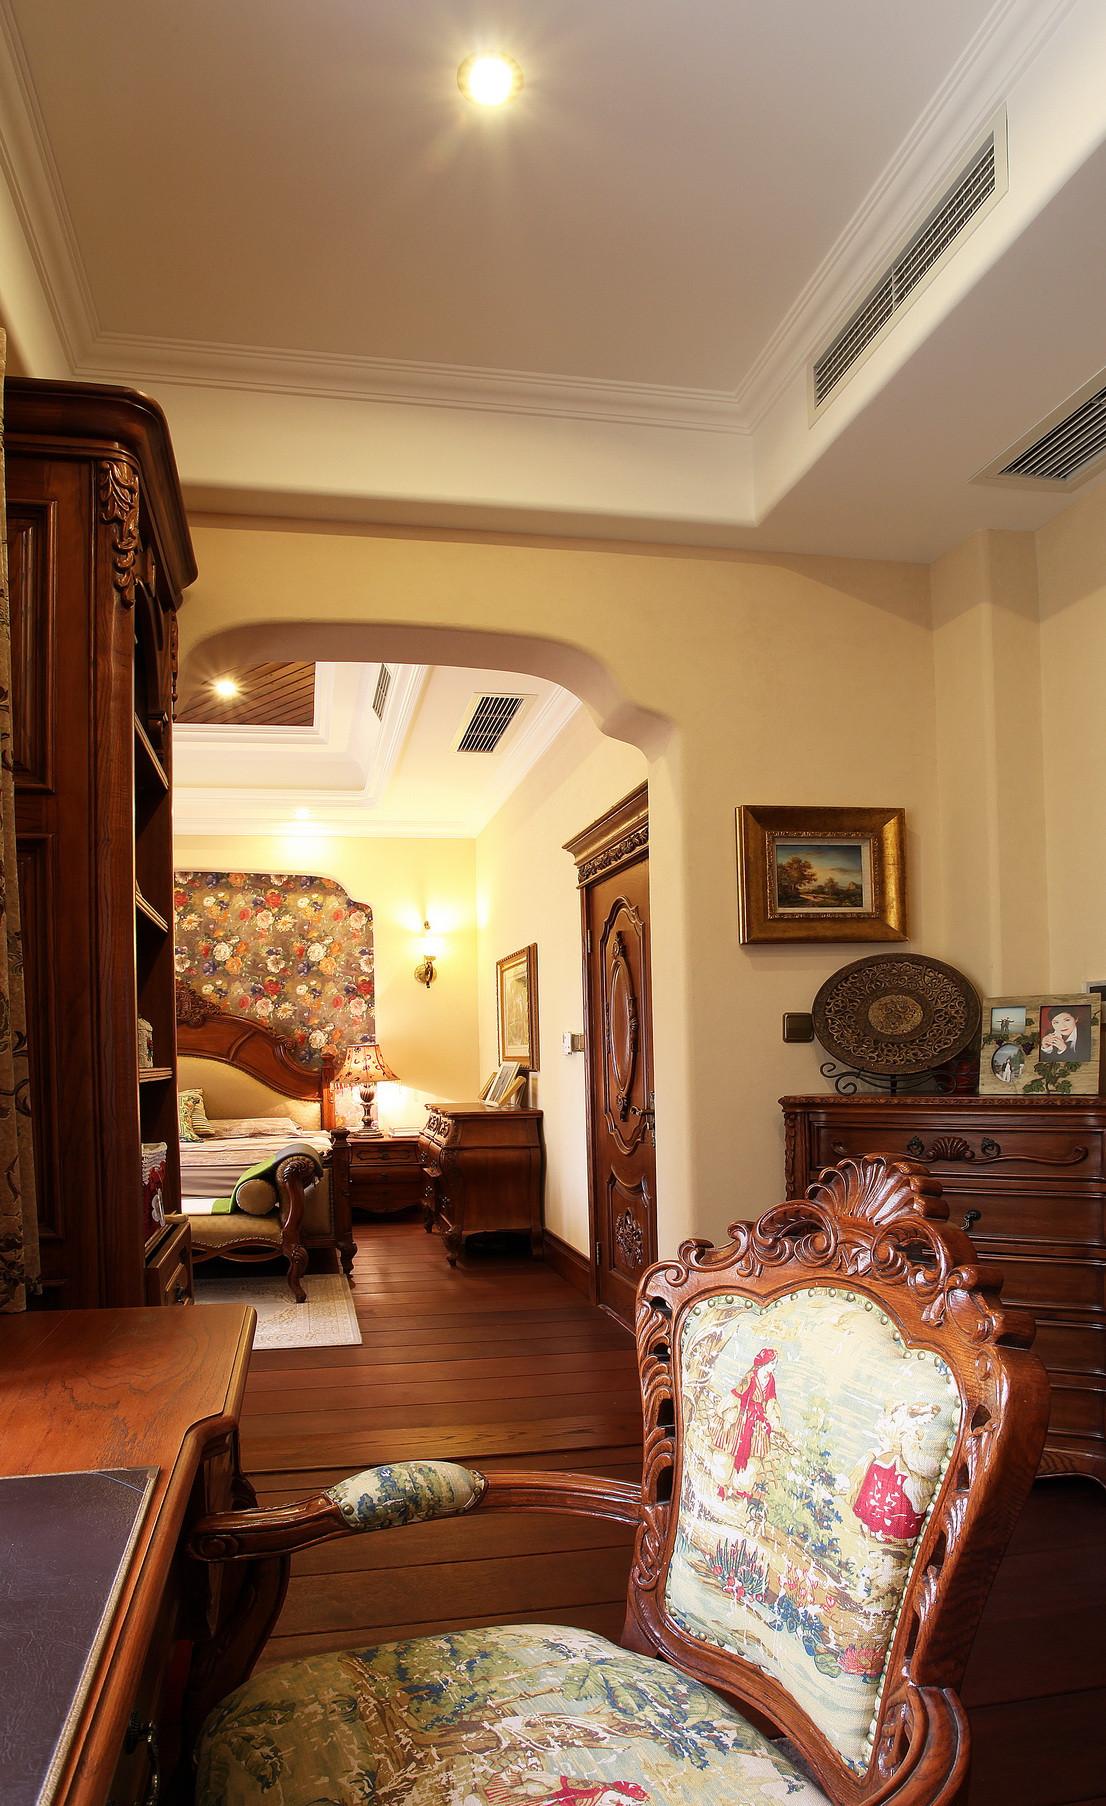 美式别墅装修书桌椅图片